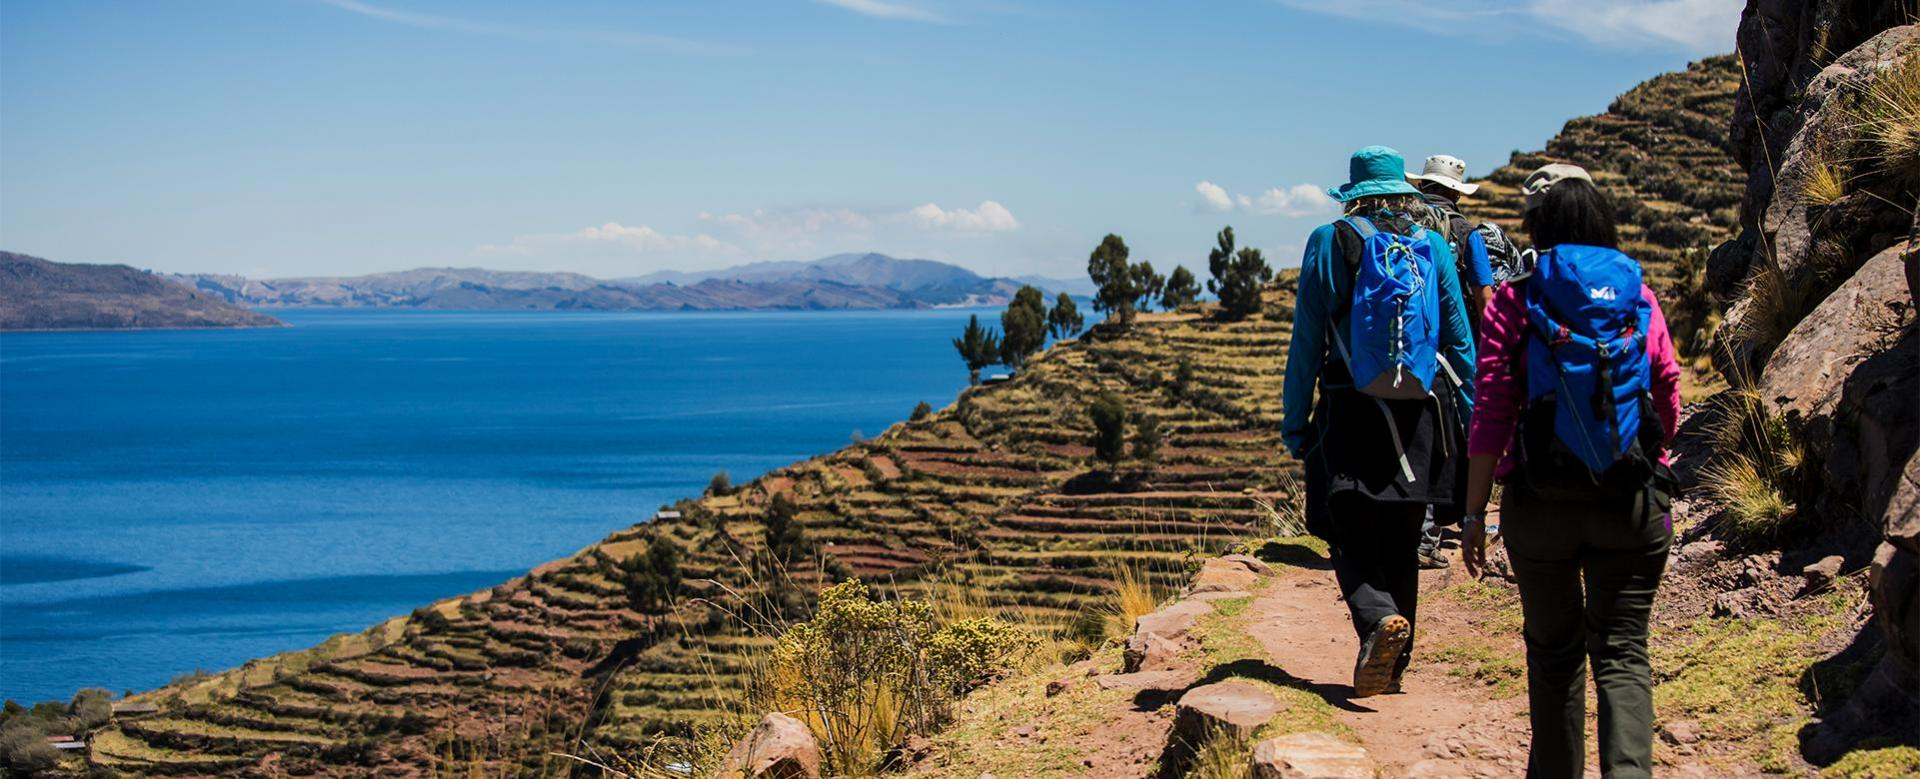 Voyage à pied : Trek dans la vallée sacrée et lac titicaca